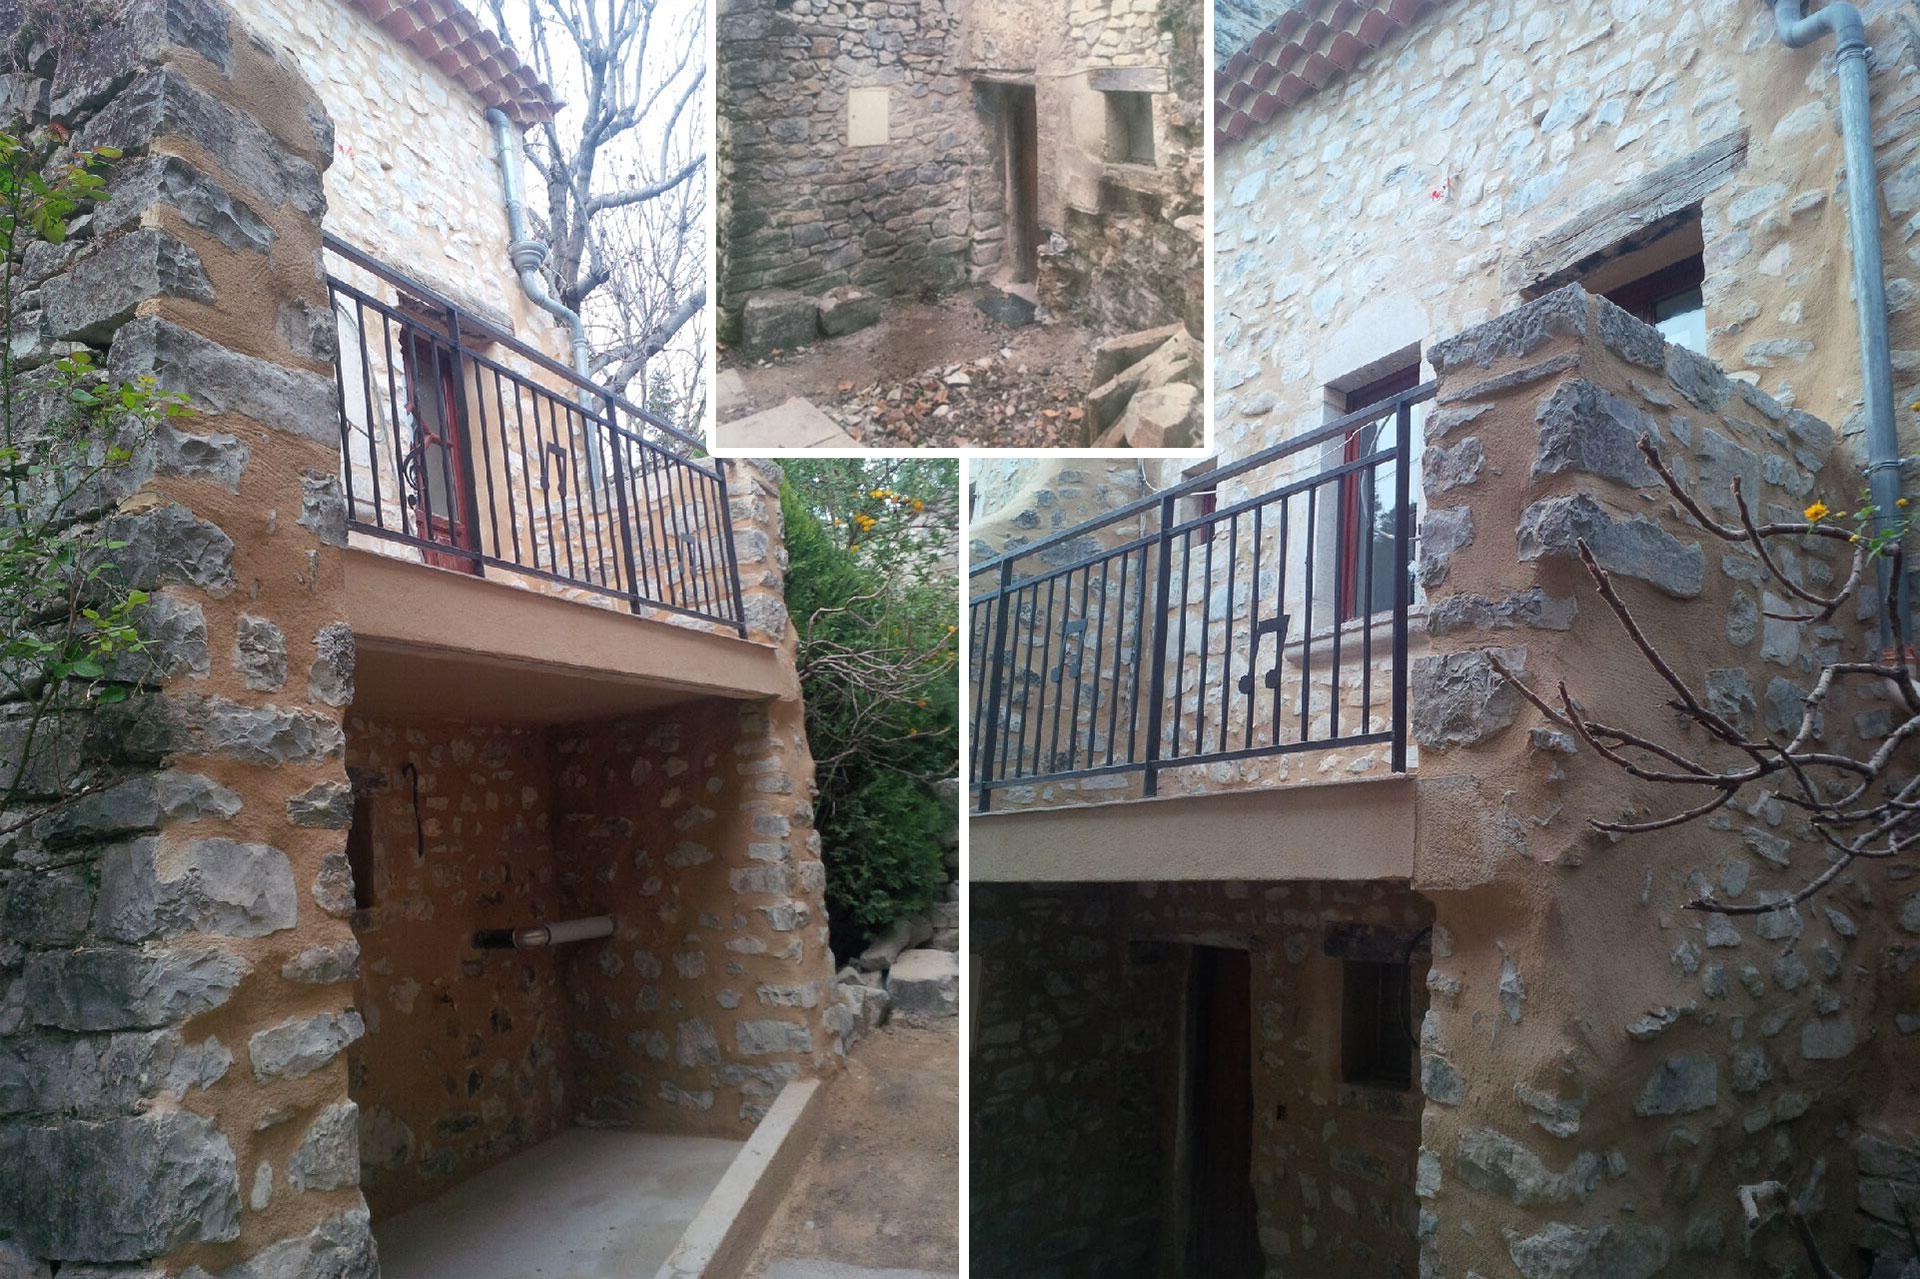 Terrasse, balcon et maçonnerie pour une maison à Vaugelas avec gros œuvre, dalle et enduit.